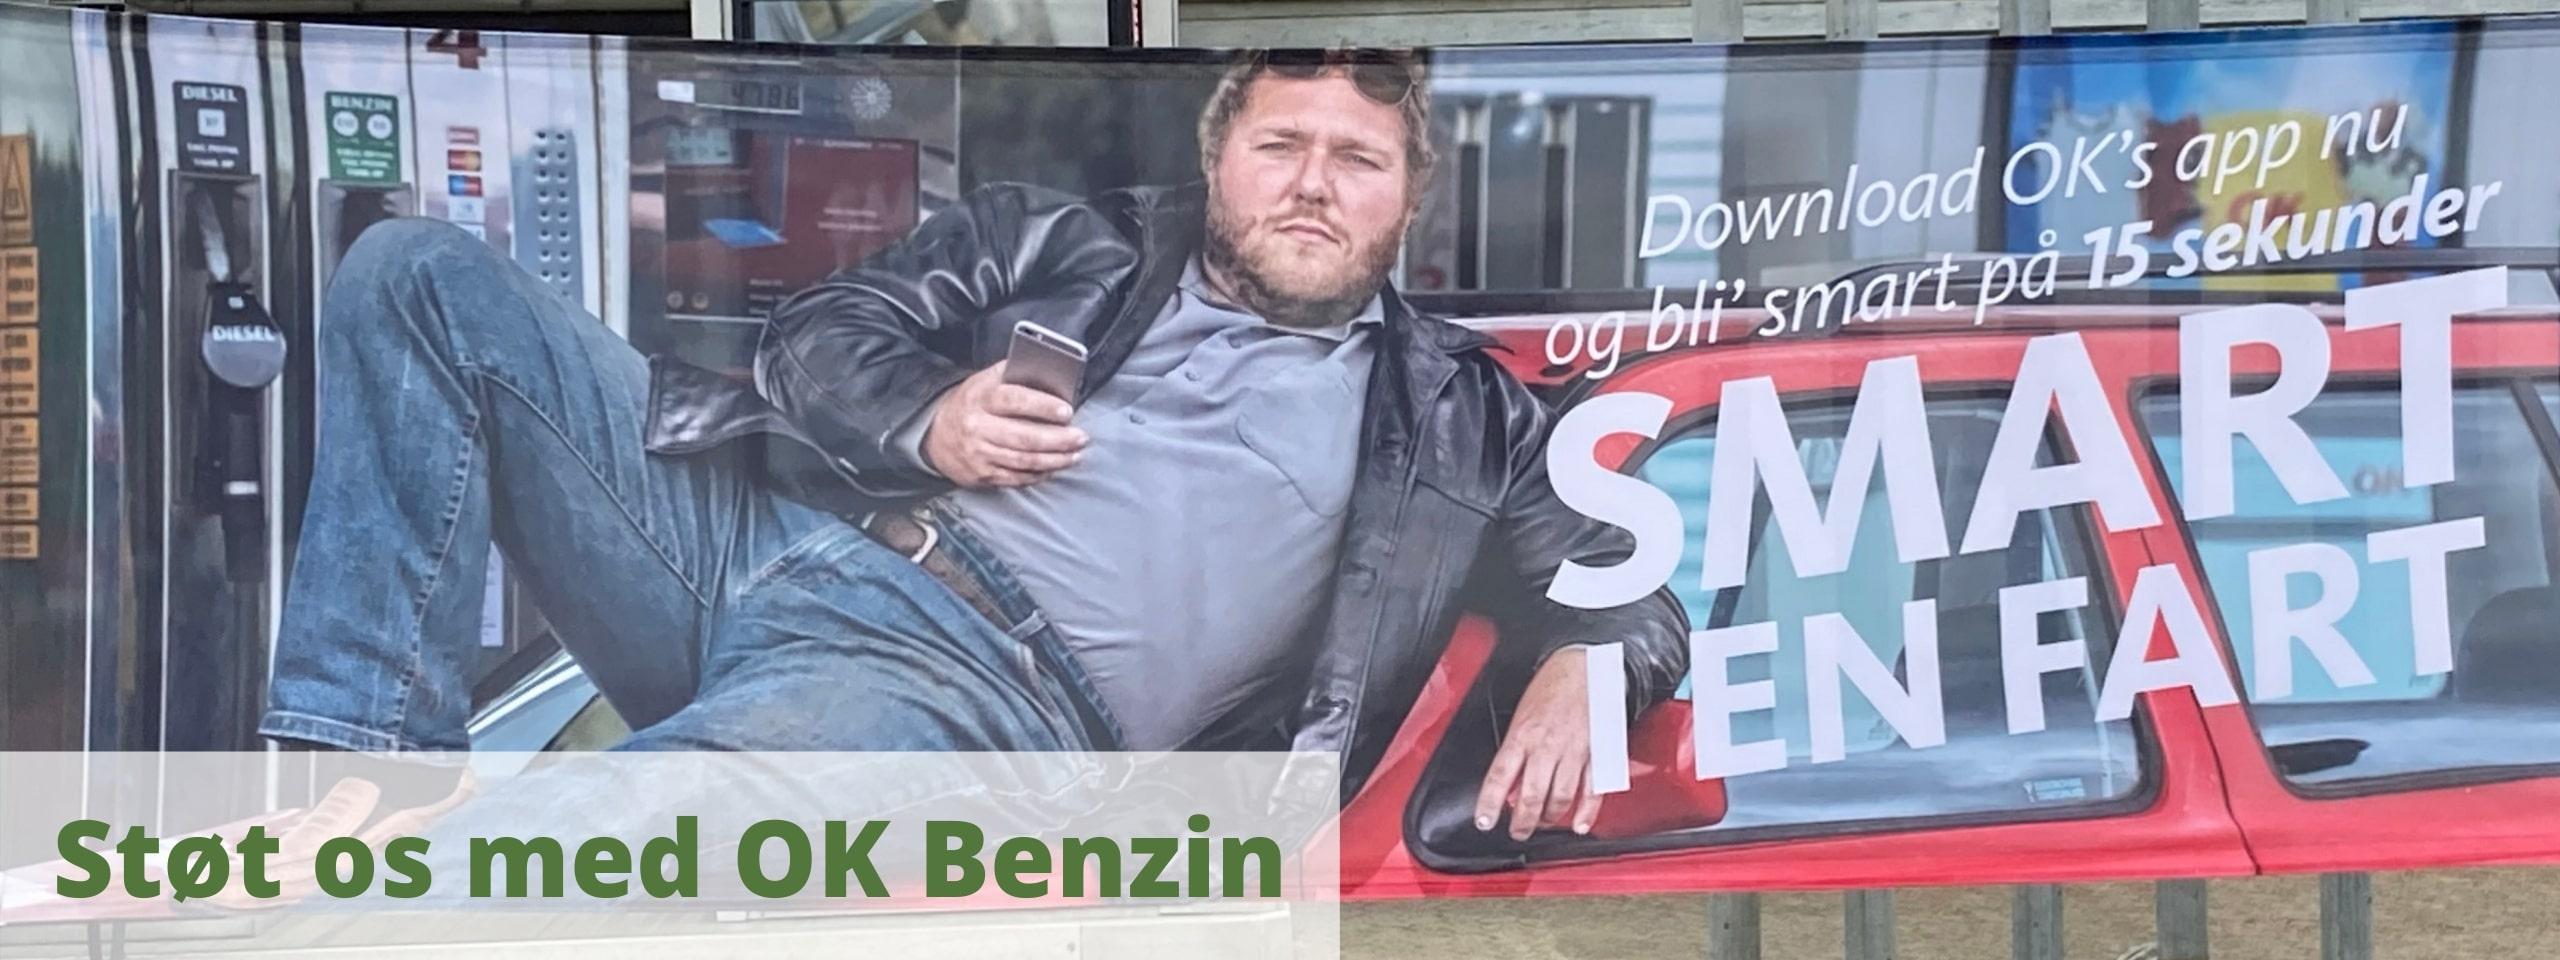 Stot-os-med-OK-Benzin